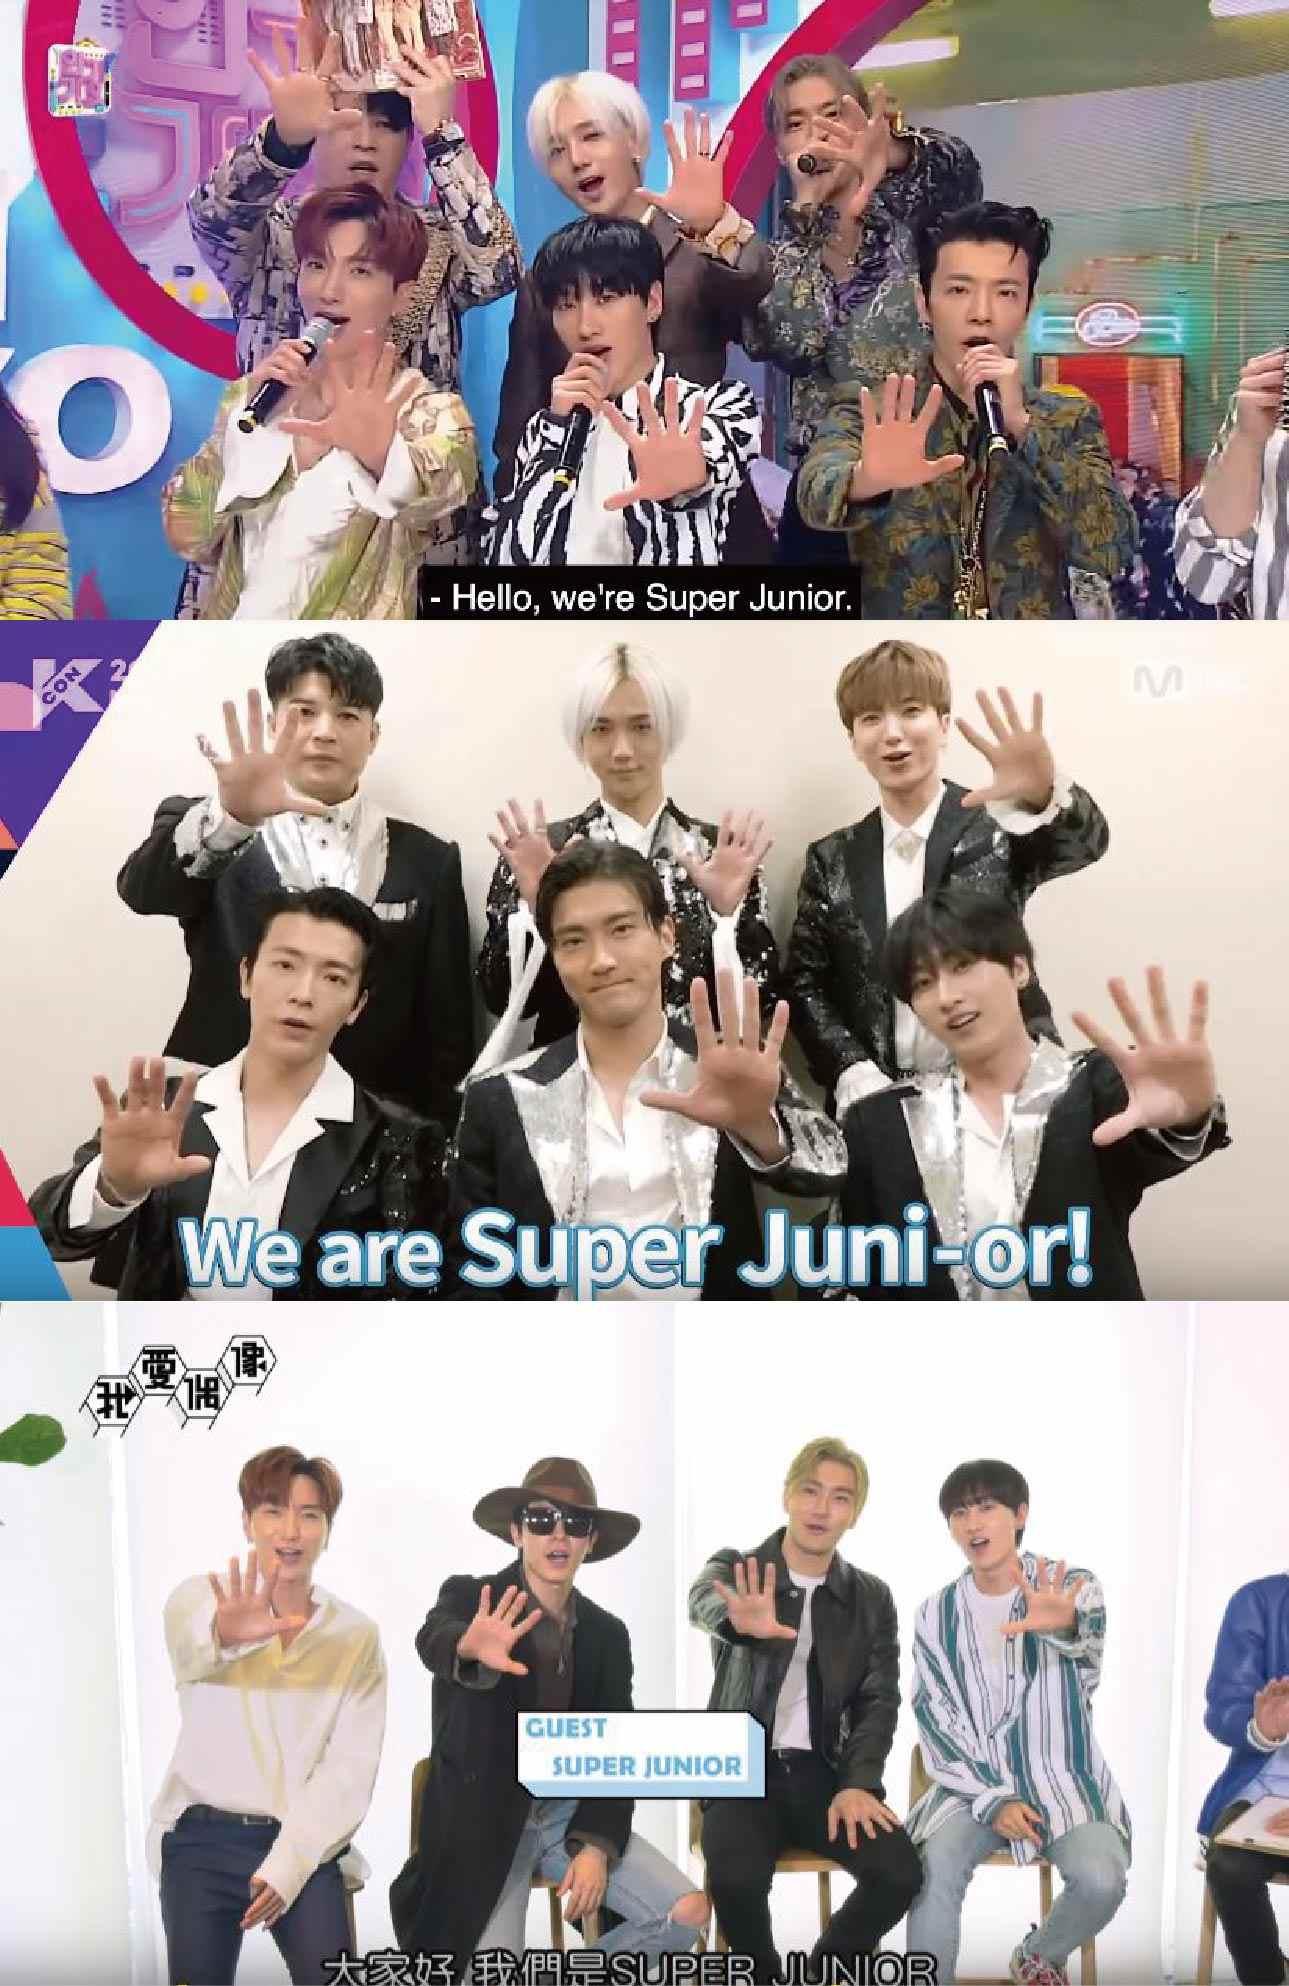 #Super Junior 「大家好,我們是Super Juni喔ㄟ喔!」→ 出道13年 最佳初心獎要頒發給我們哥哥們了~始終如一的朝氣問候,真的超級給他感動拉~~陪伴著無數少女們的青春歲月,創造了數不盡的回憶~